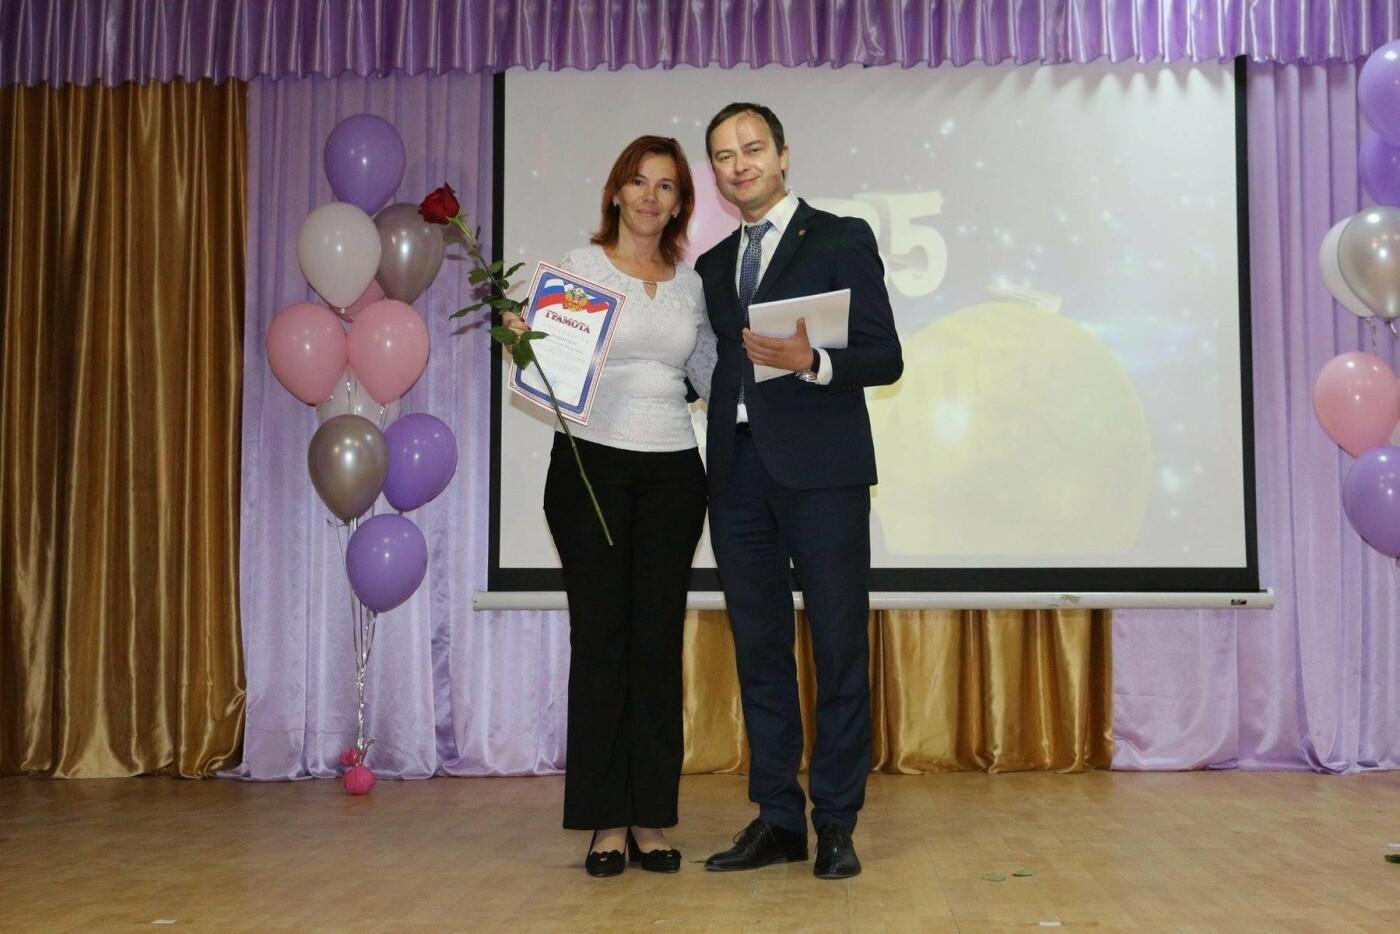 Ялтинская школа № 1 сегодня празднует 35-летний юбилей, фото-4